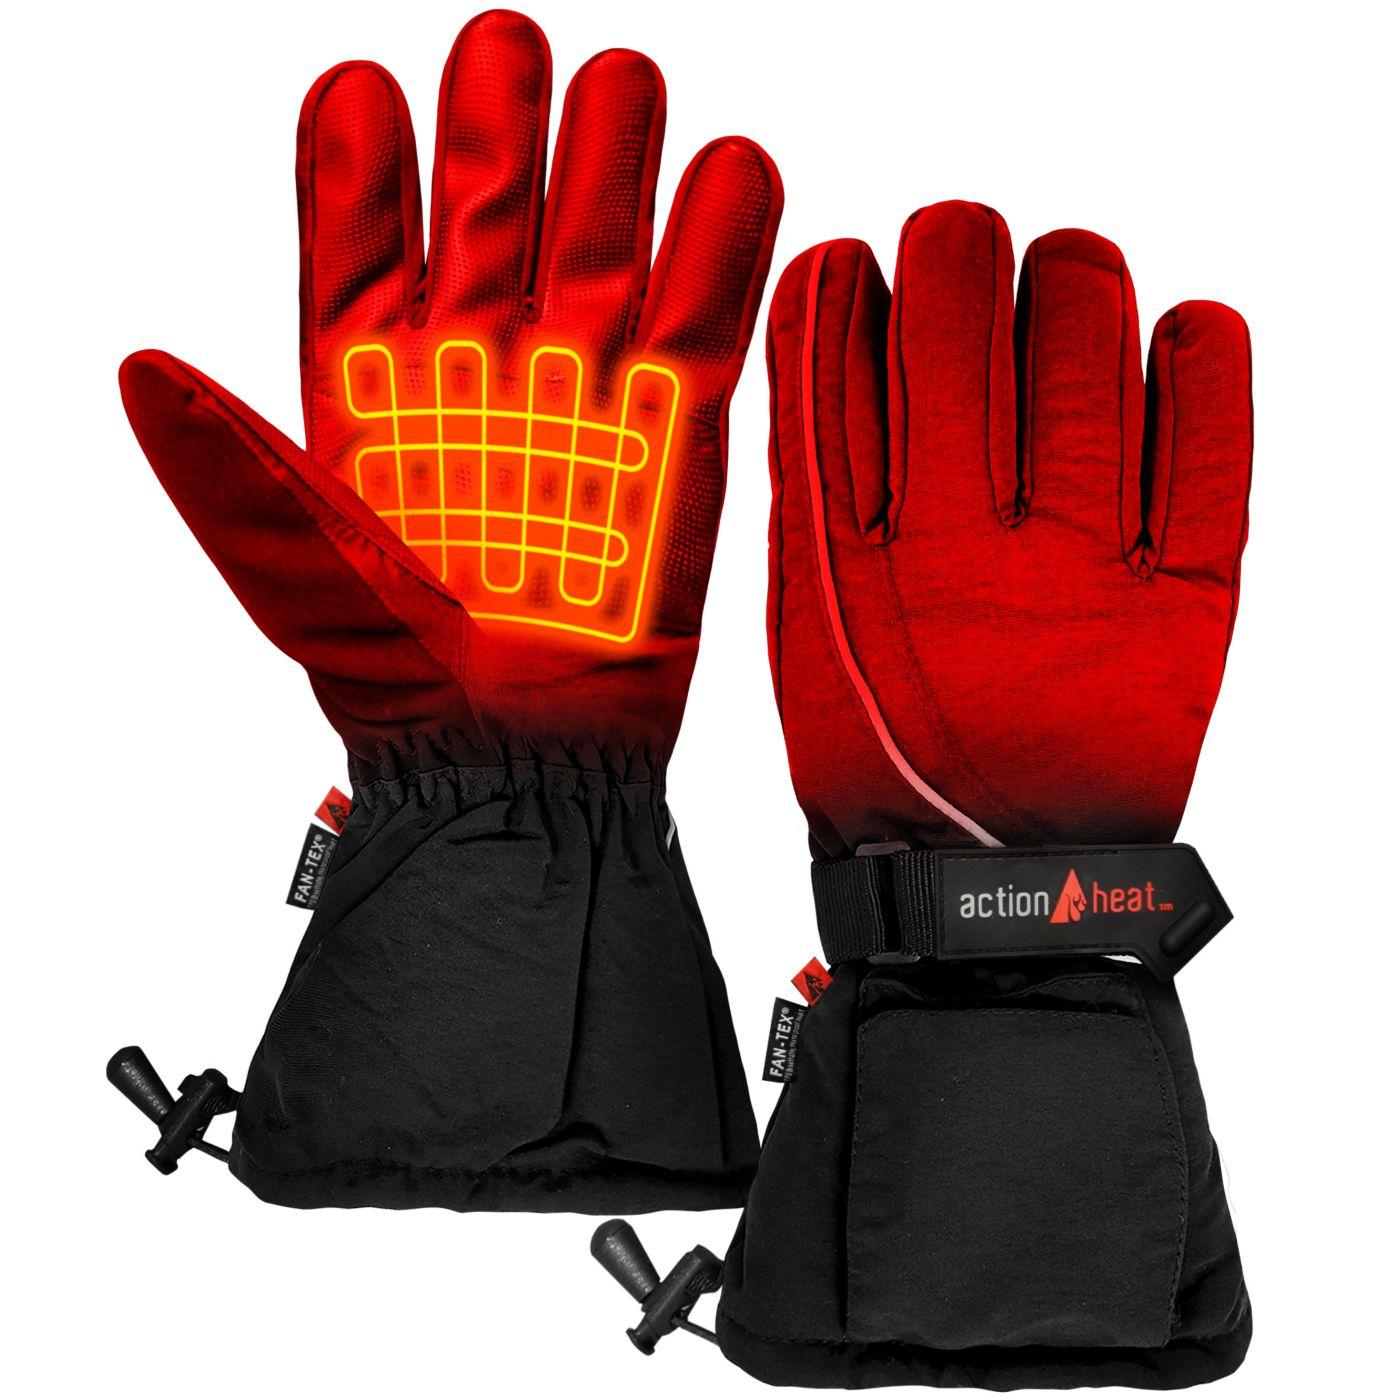 ActionHeat Men's AA Battery Heated Gloves